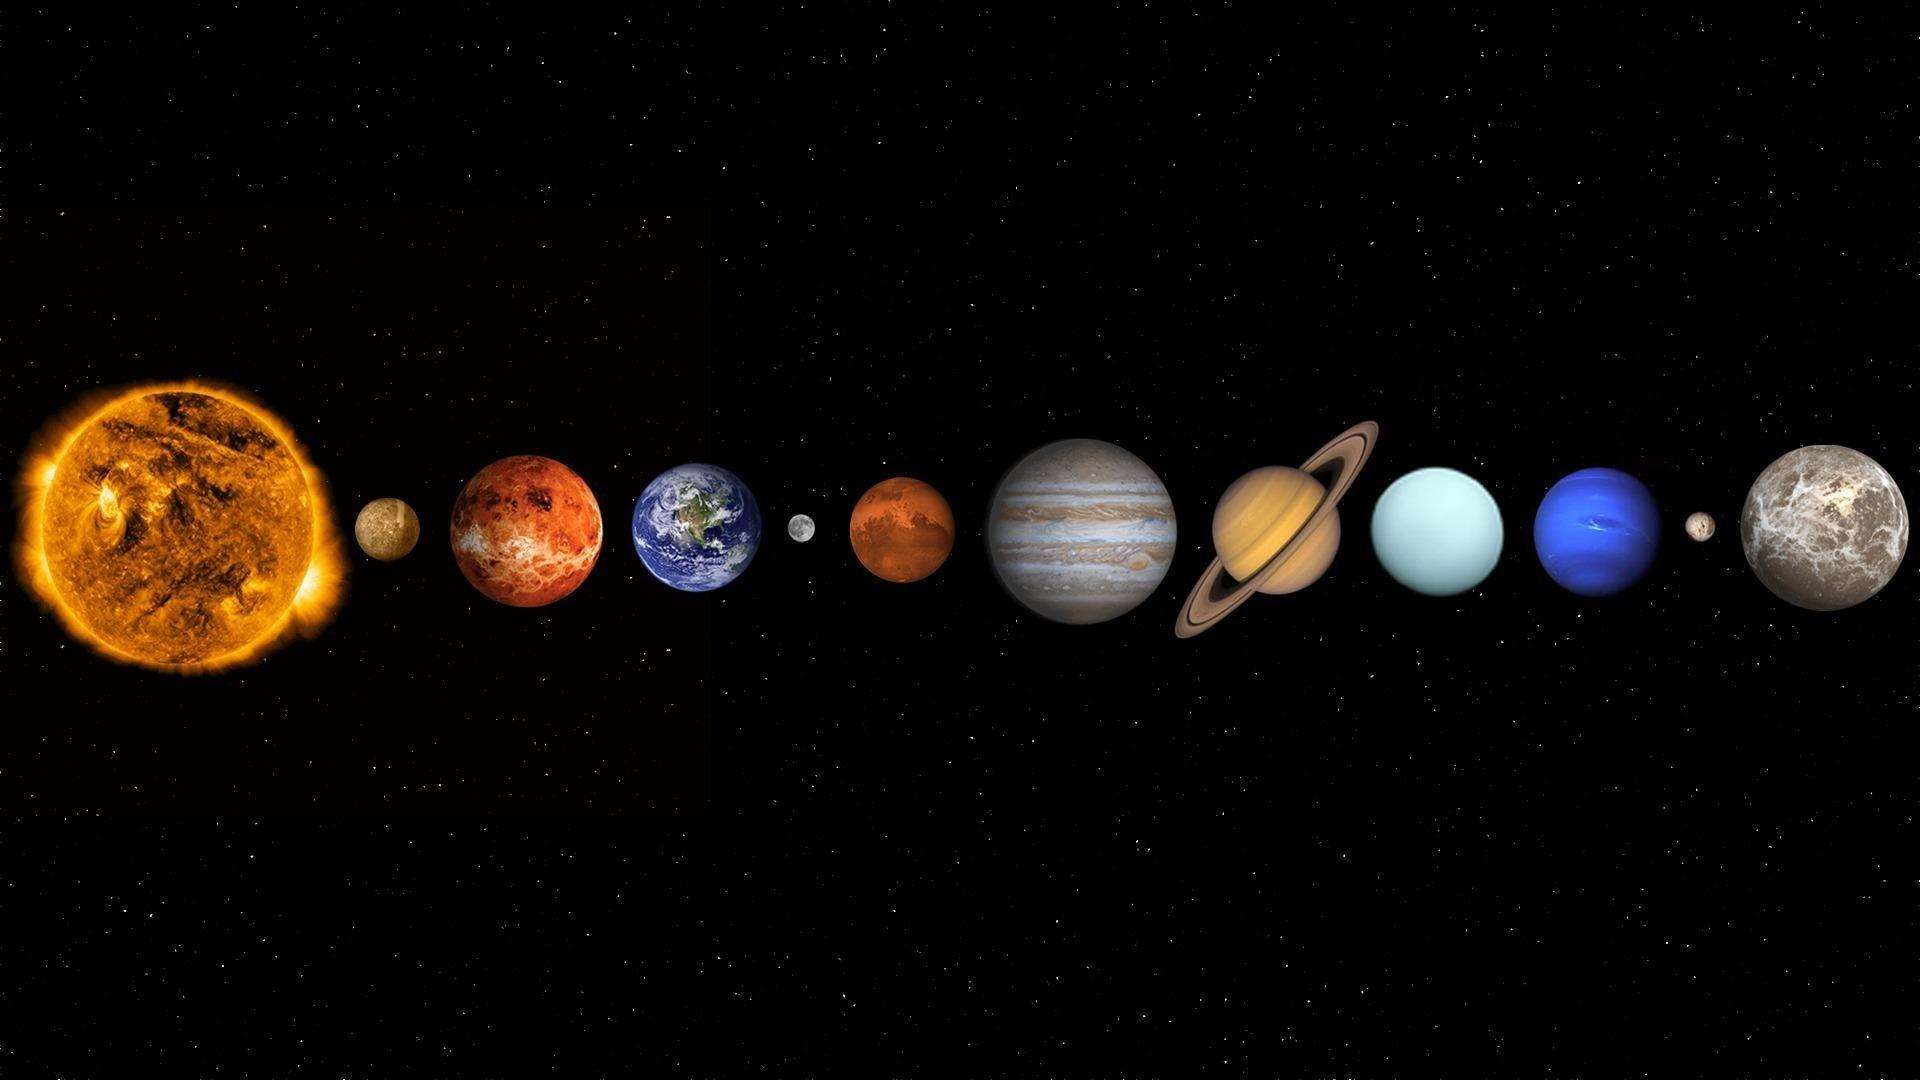 solar system wallpaper hd